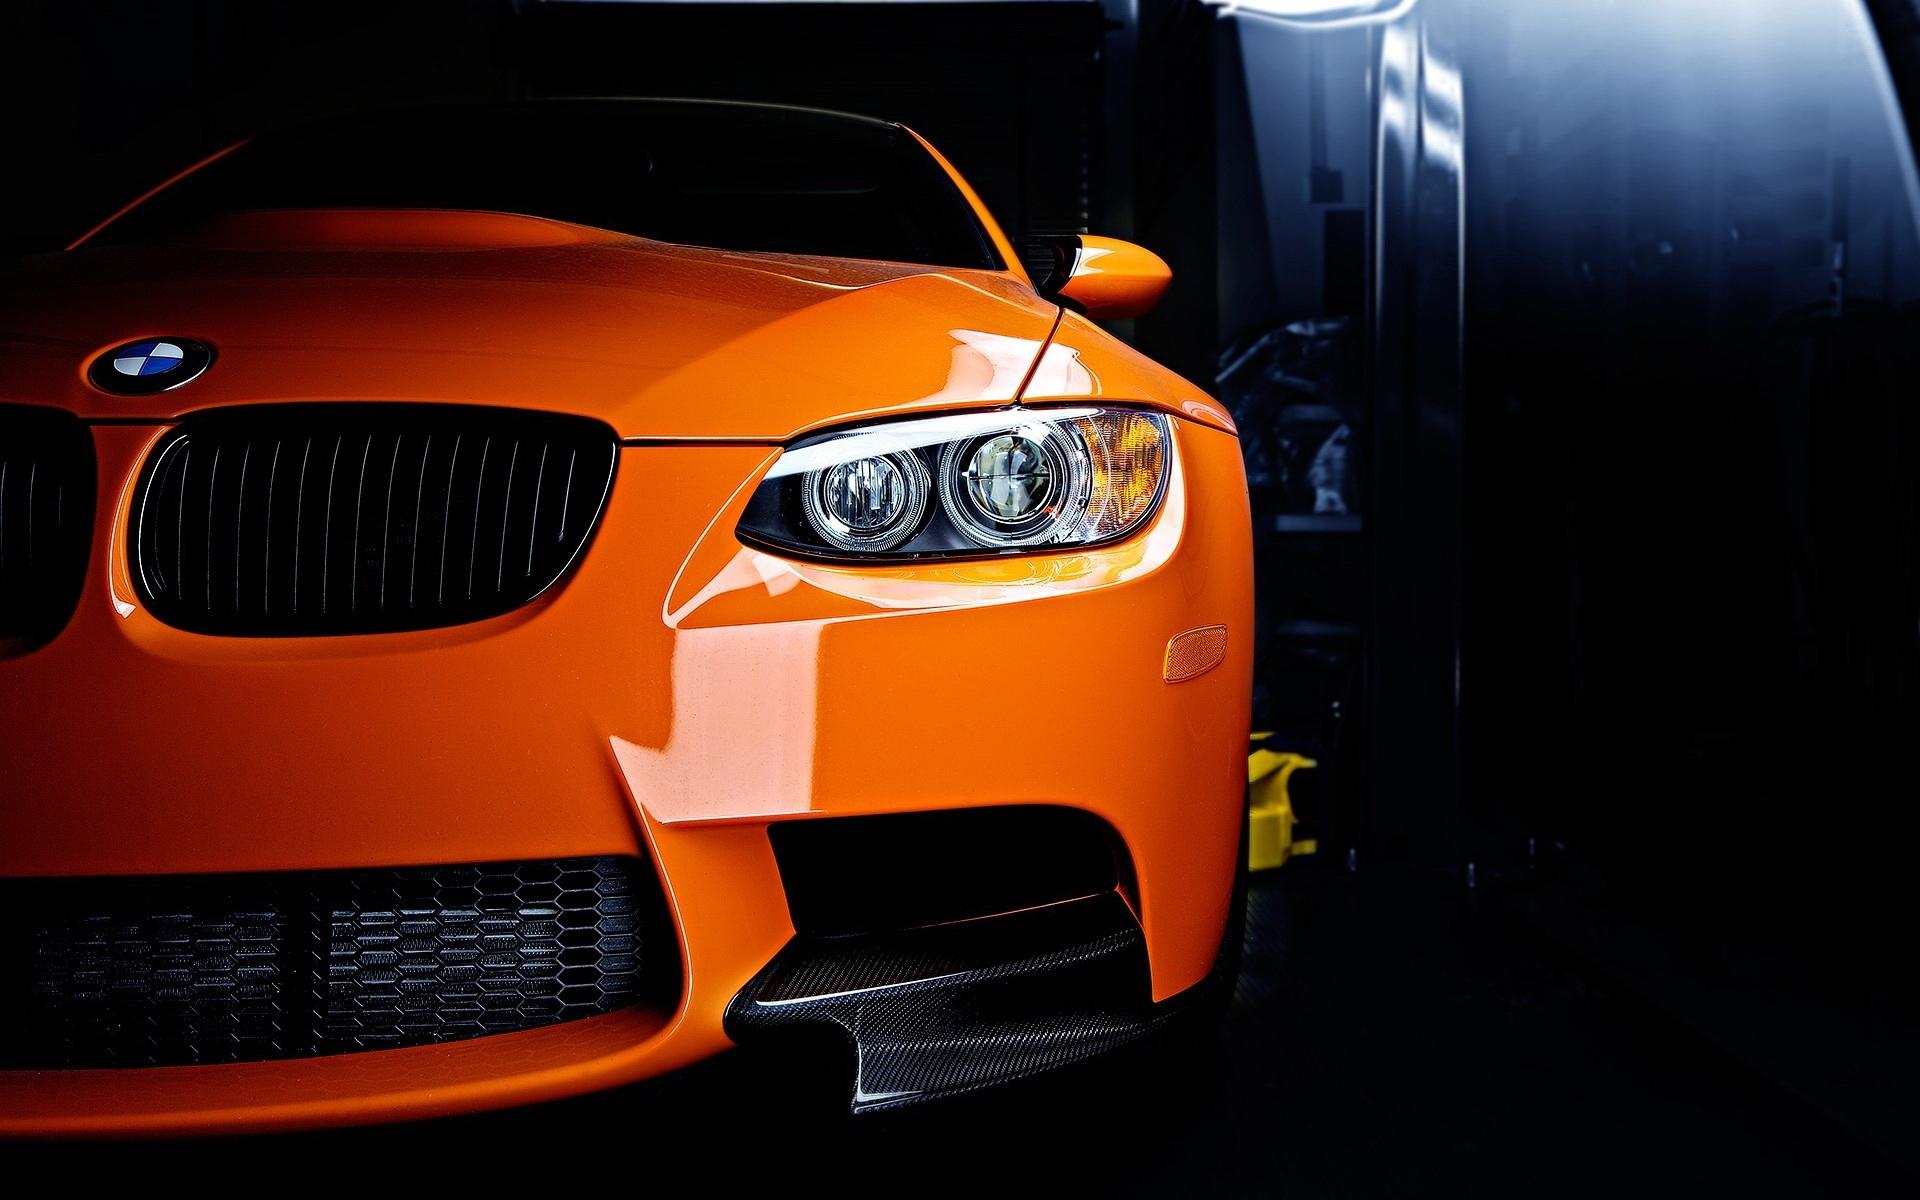 45891 скачать обои Транспорт, Машины, Бмв (Bmw) - заставки и картинки бесплатно